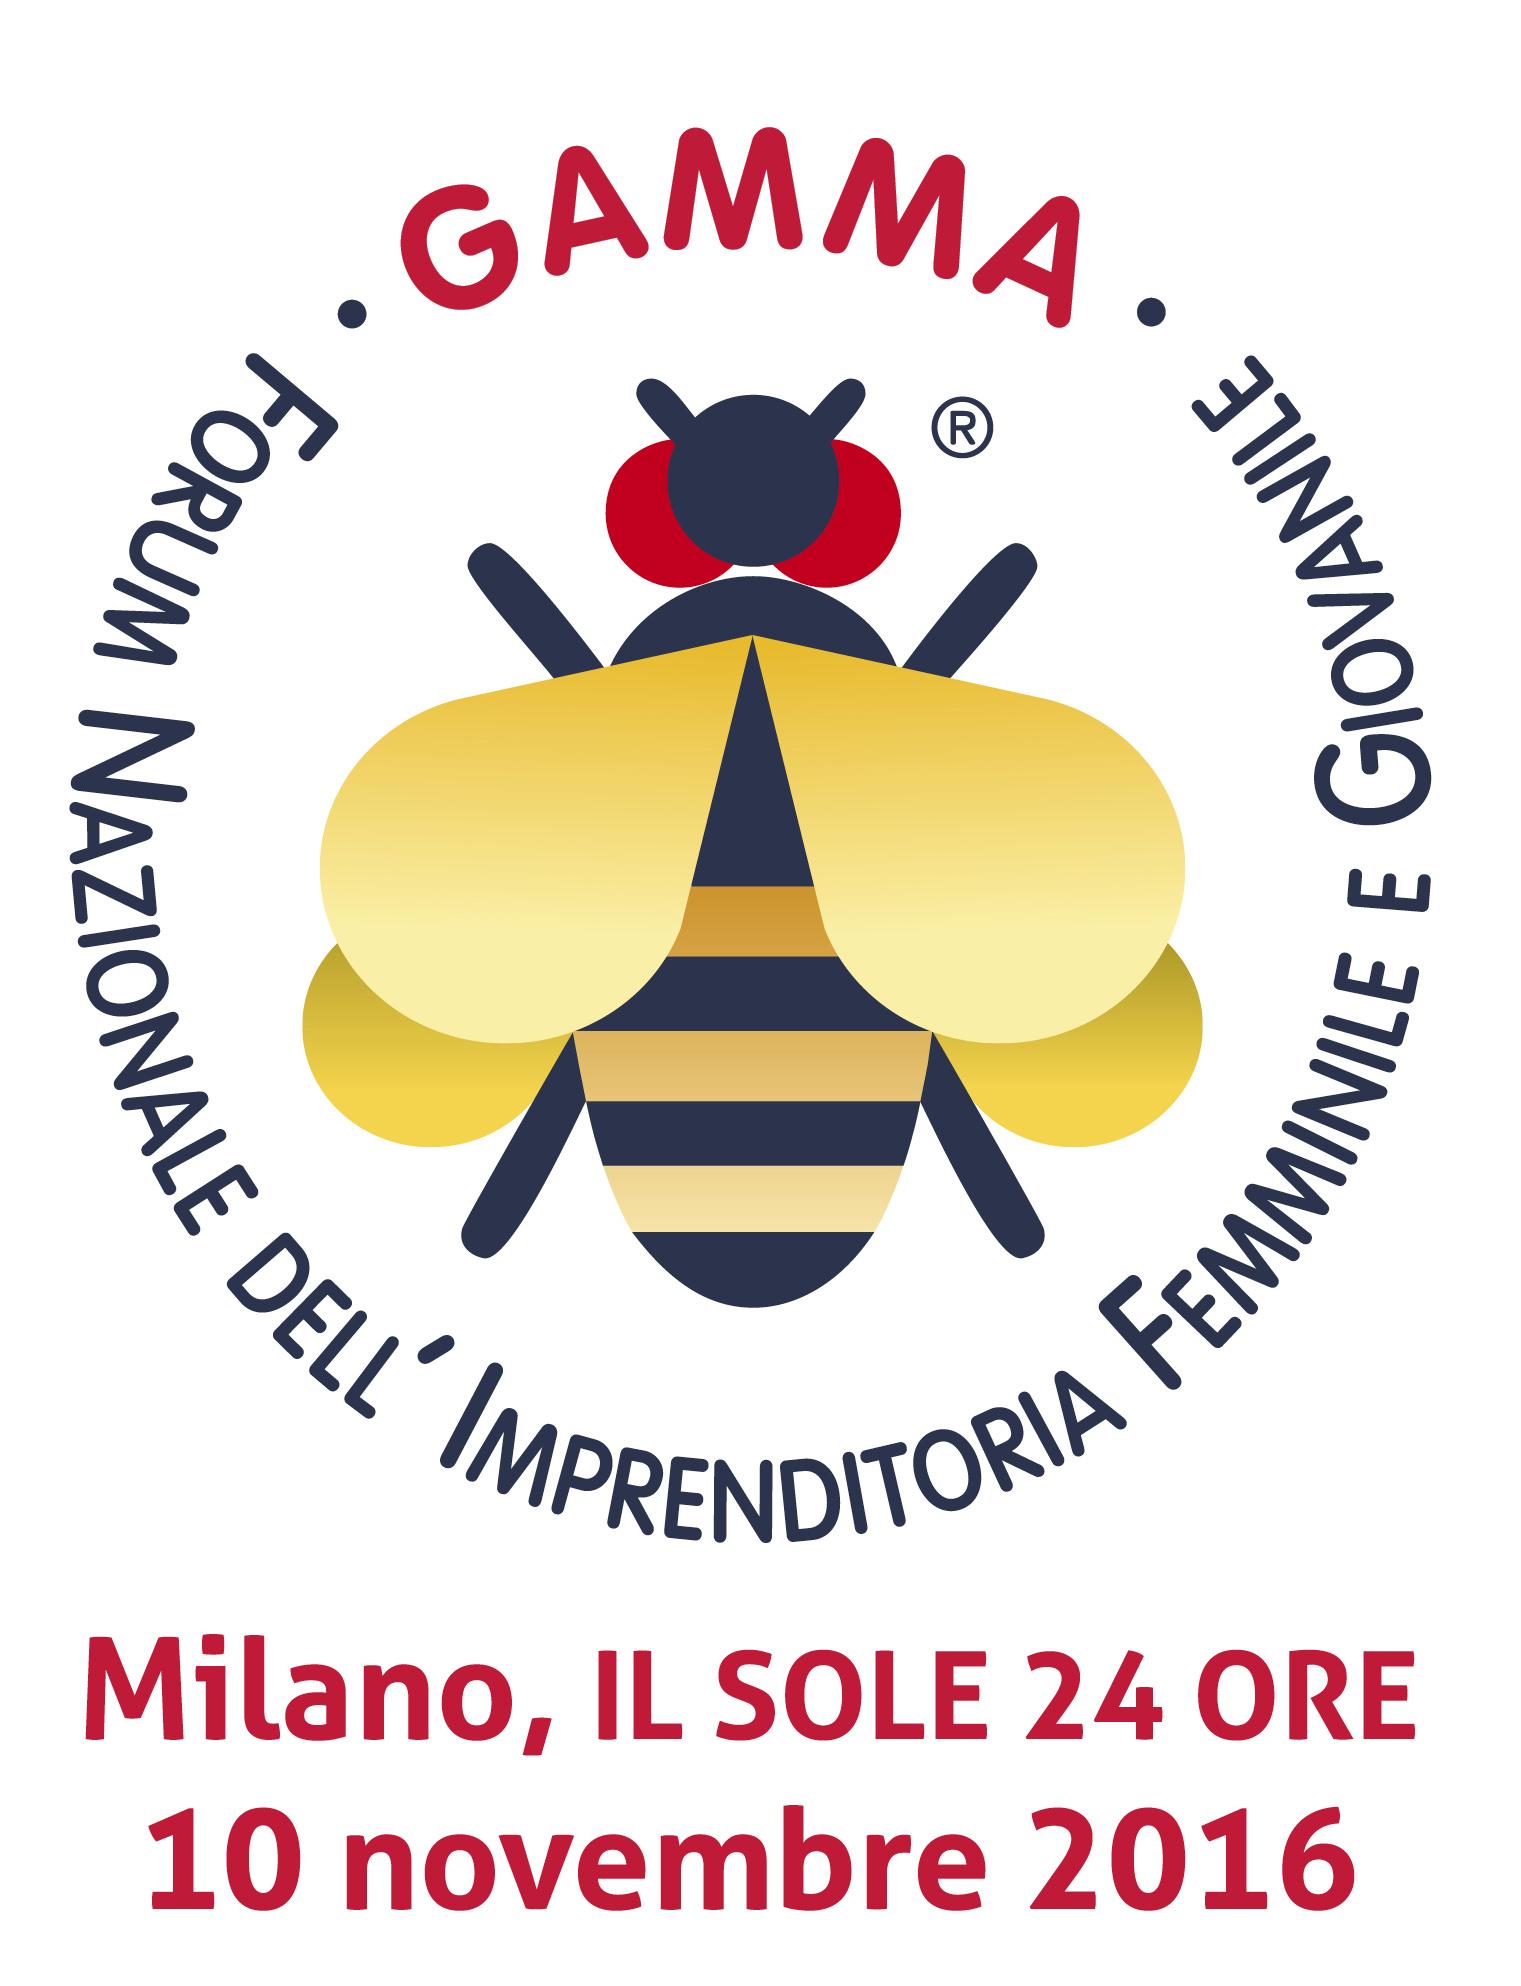 Gamma Forum